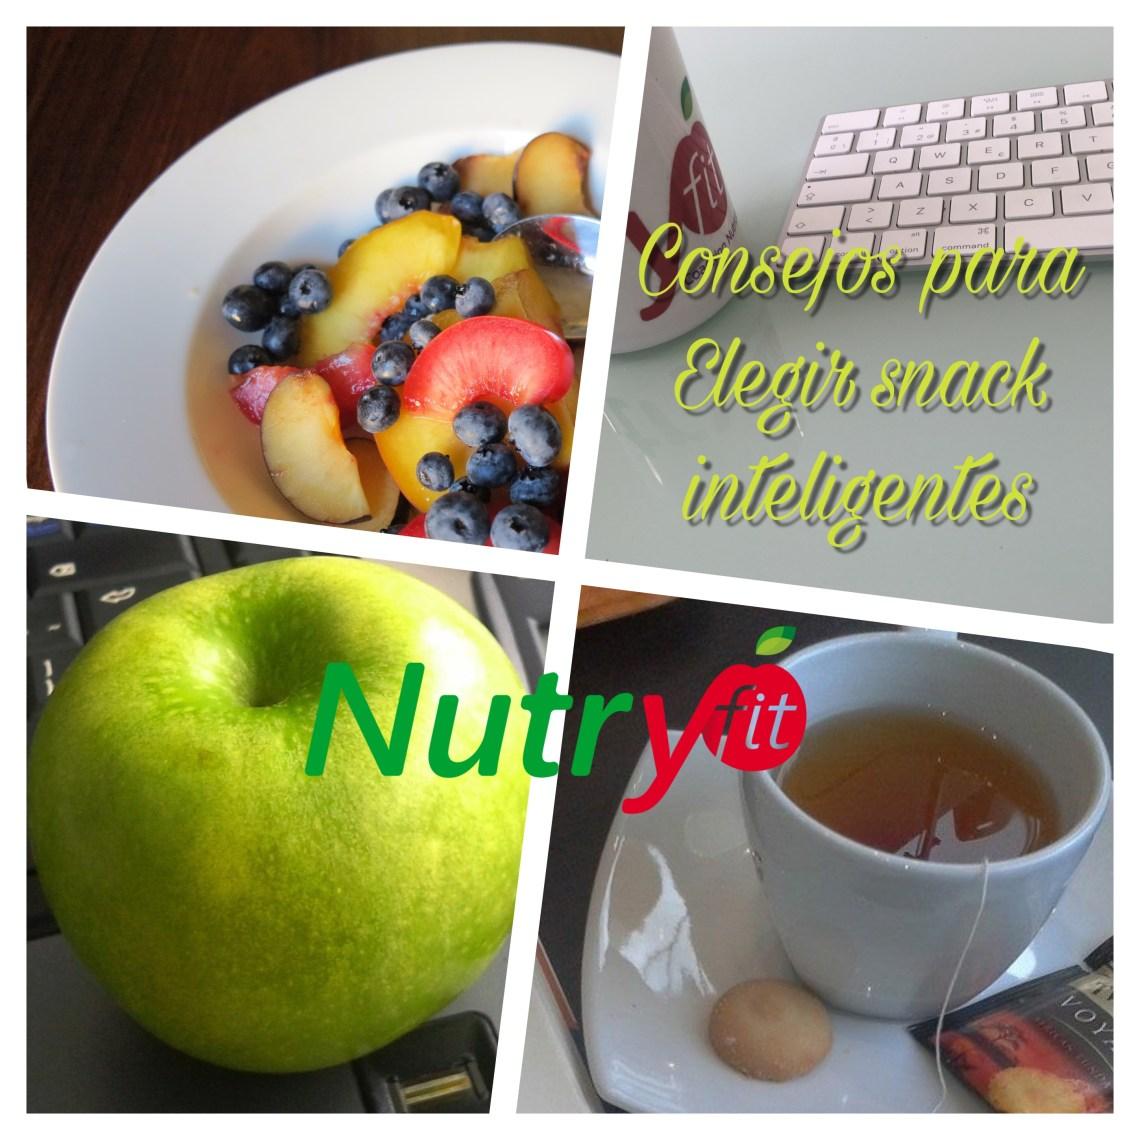 nutricionista bogota, nutryfit, nutricionista Diana Rojas, refrigerios saludables, dieta, alimentación, nutricionista,